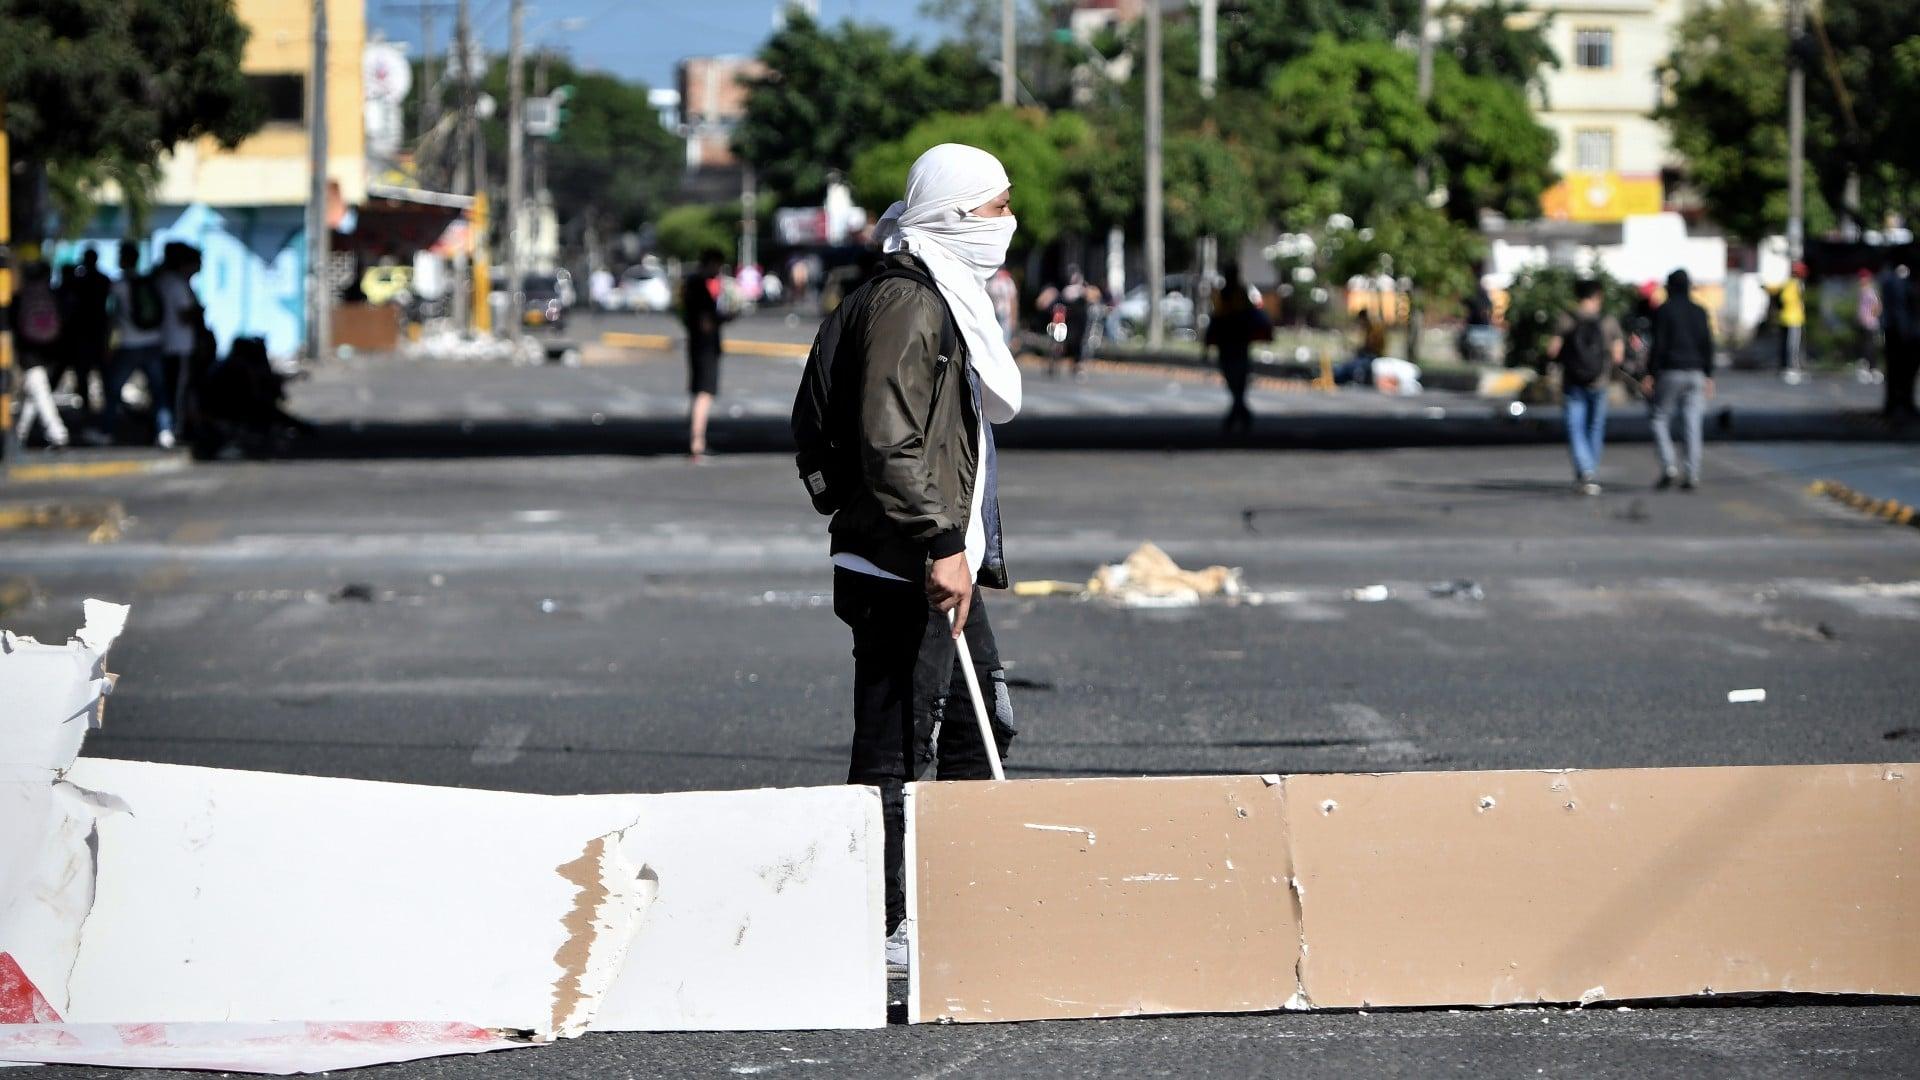 Estallan protestas tras suicidio de una joven en Popayán, Colombia